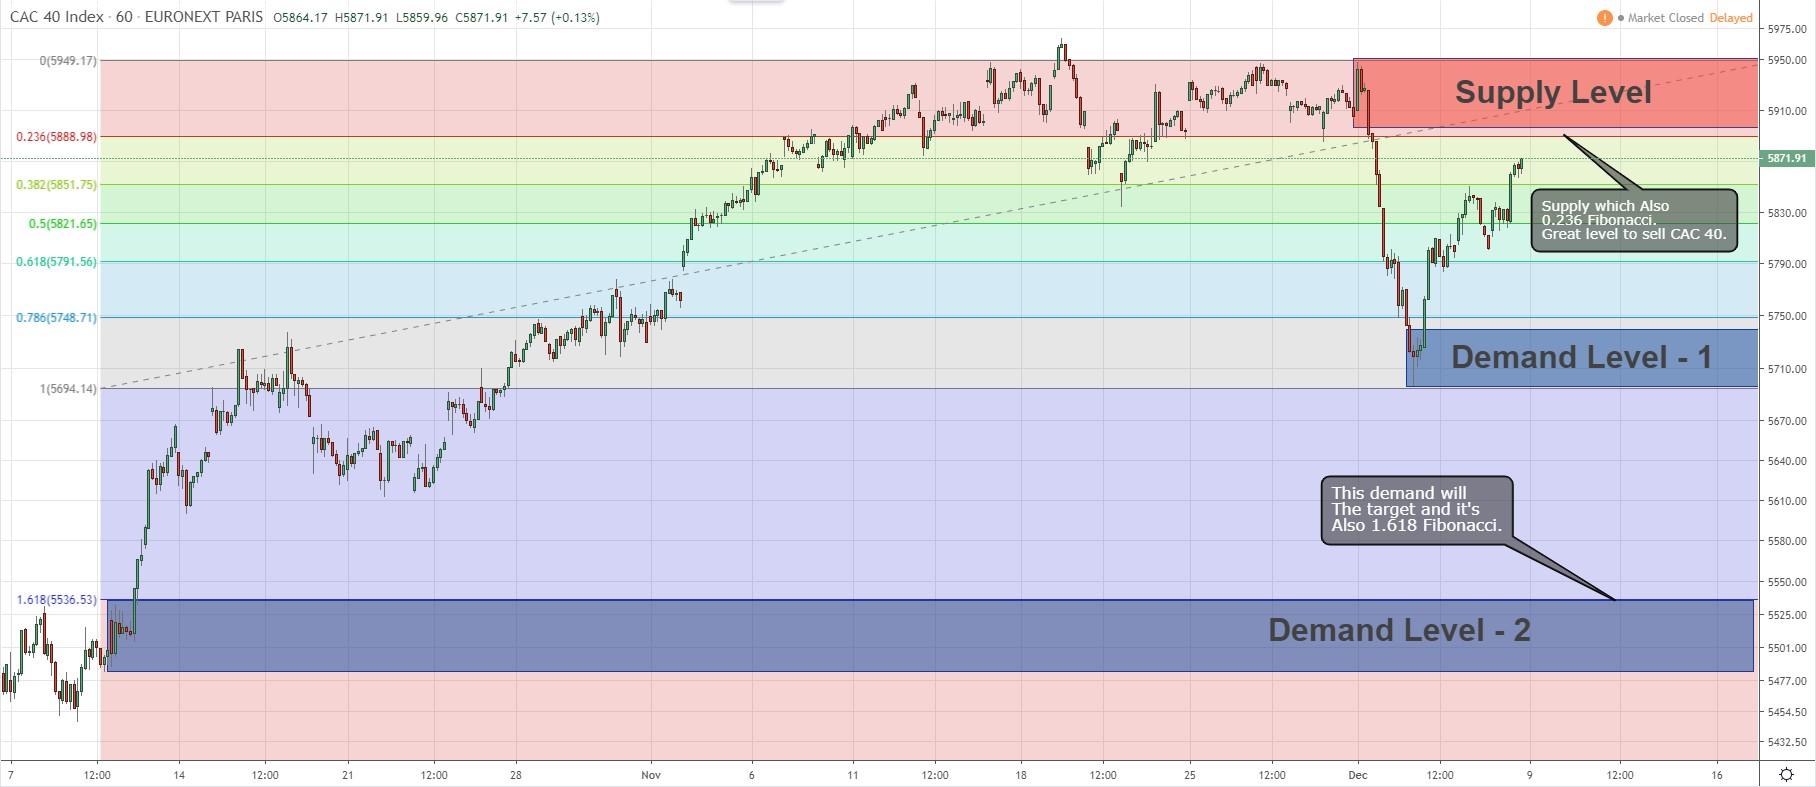 cac40 fibonacci levels